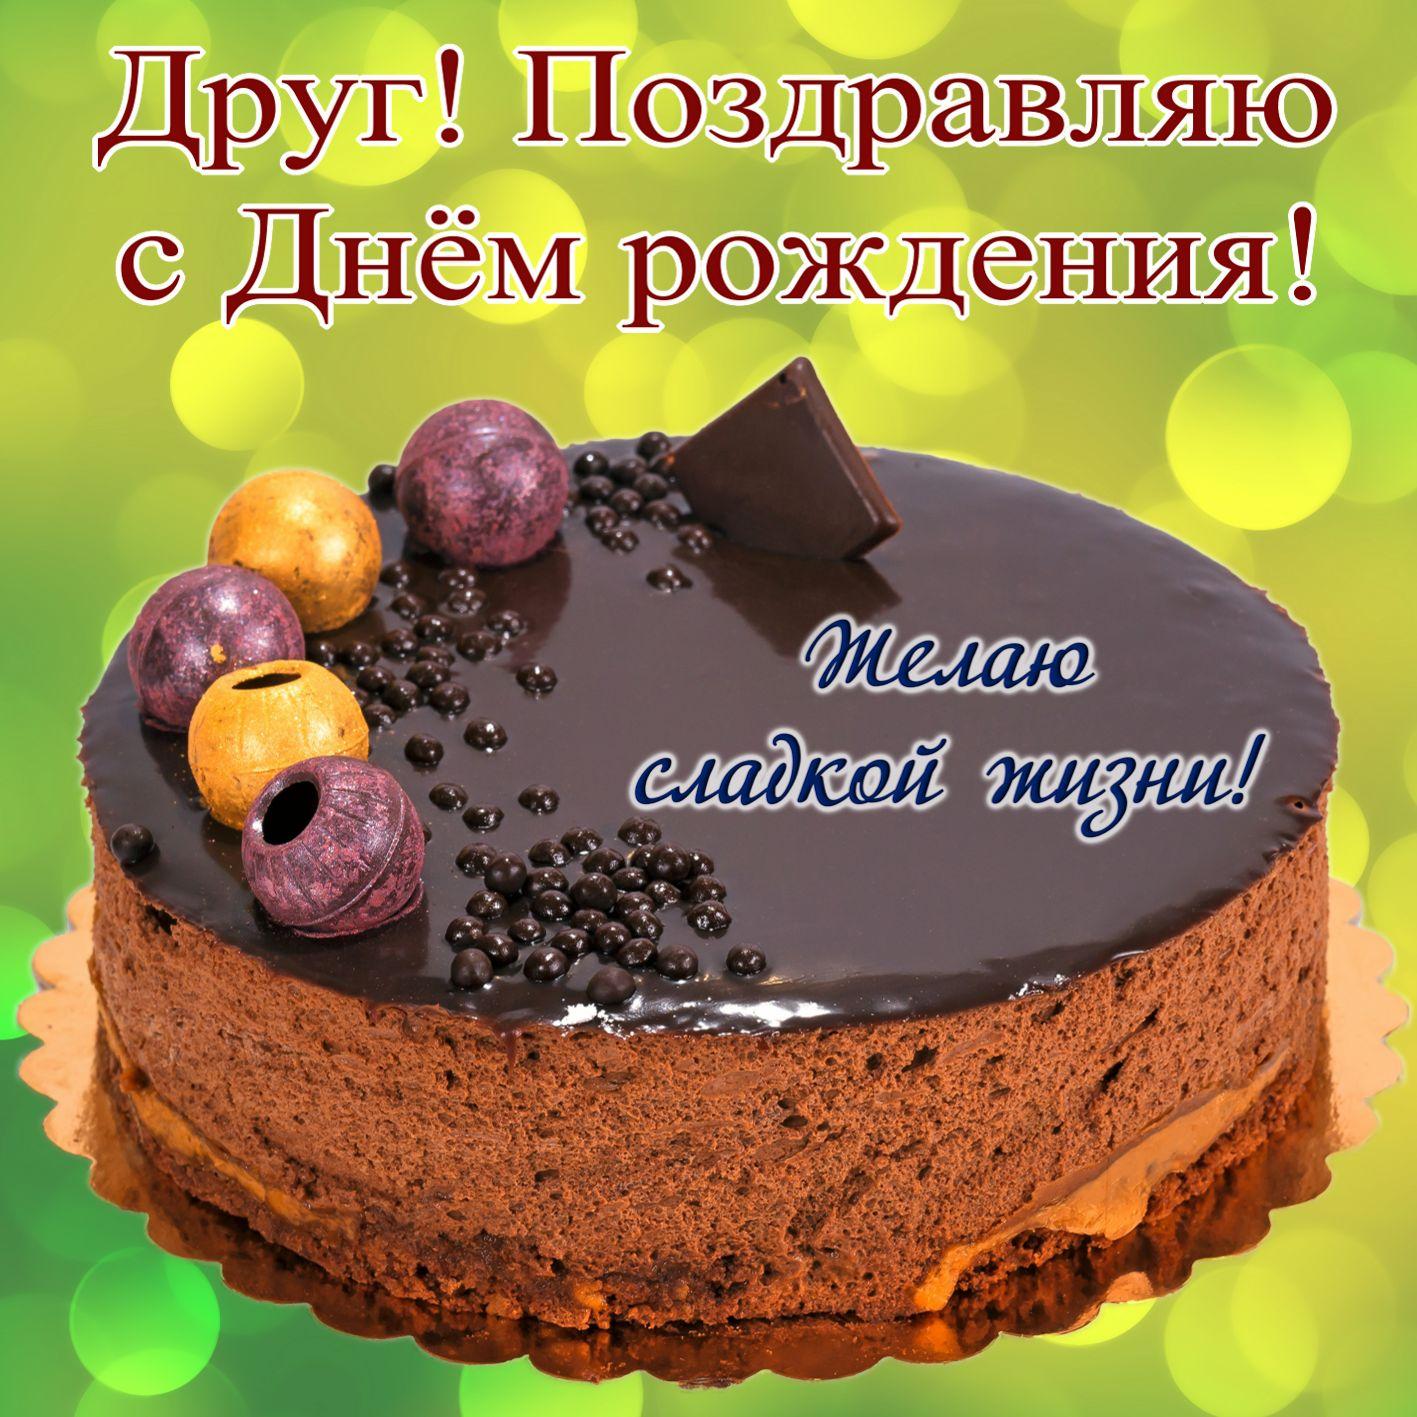 поздравления на тему день рождения меньше существует легендарных